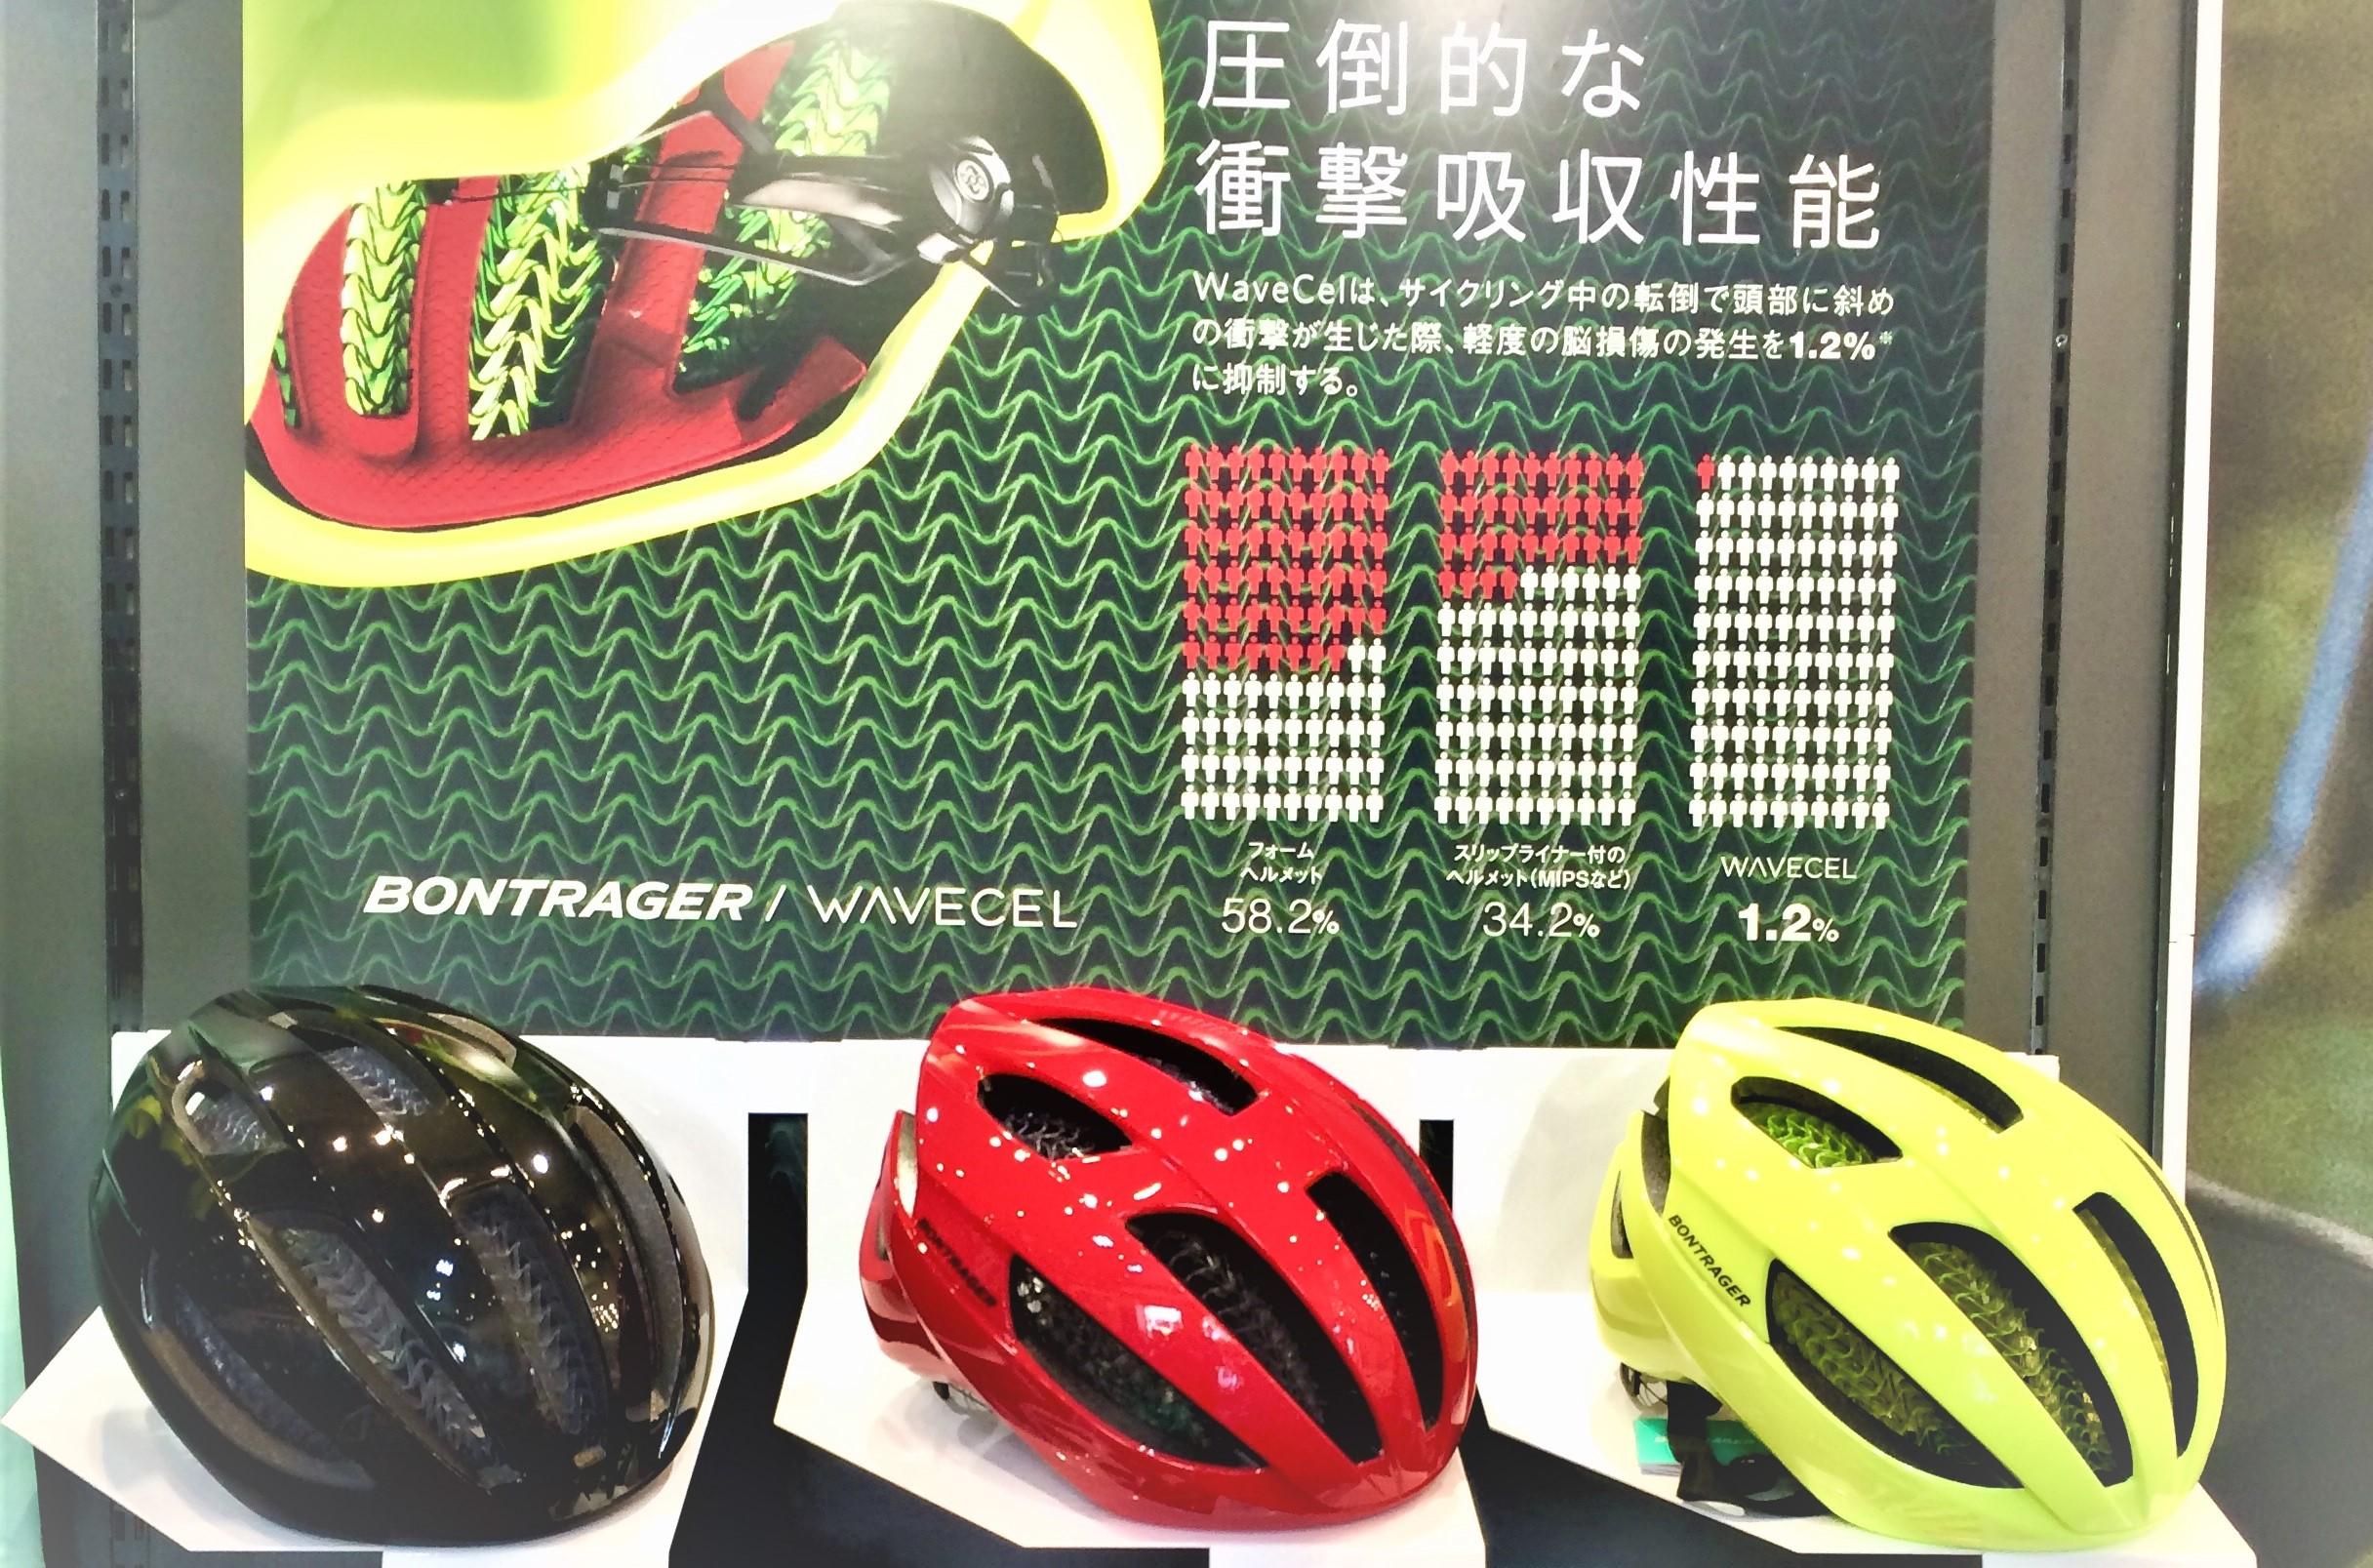 革新的新技術『WaveCel』搭載のヘルメット入荷しております。